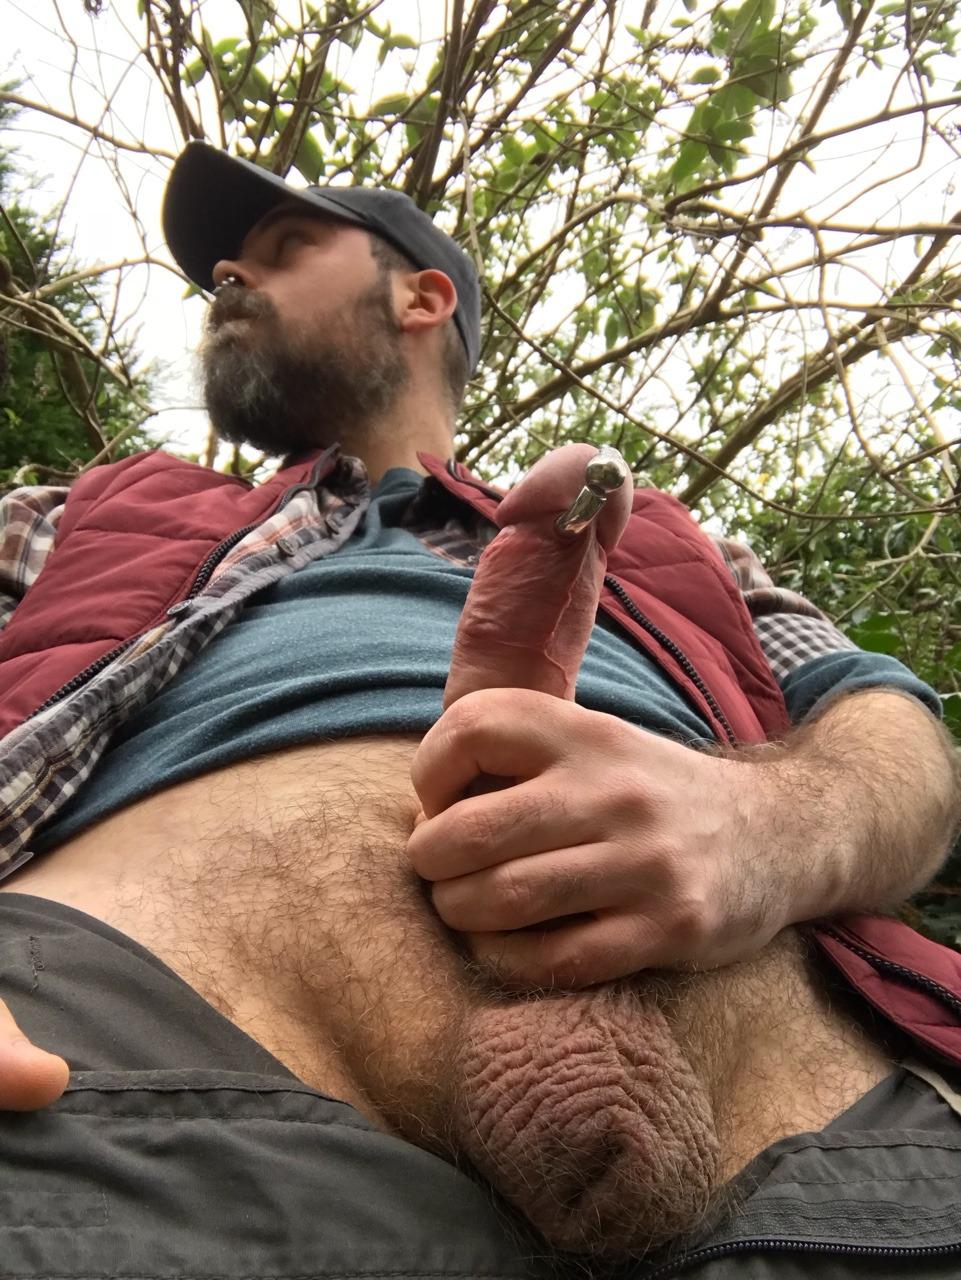 gay hot daddy dude men porn country redneck str8 sexting cock